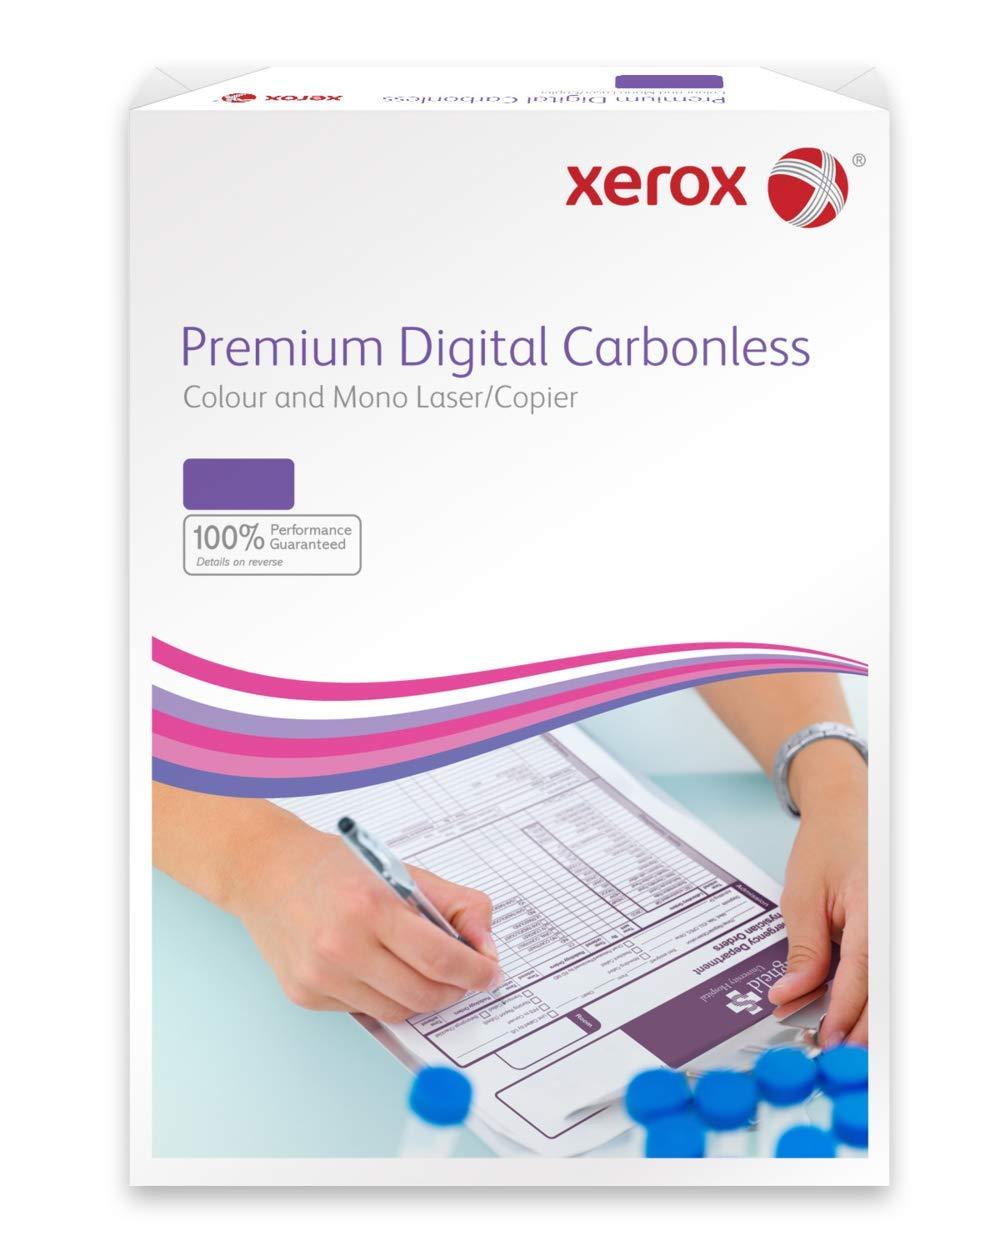 Xerox NCR 003R99105 - Papel autocopiativo para impresoras láser y fotocopiadoras (500 hojas, 2 capas, libre de carbono), color blanco y amarillo